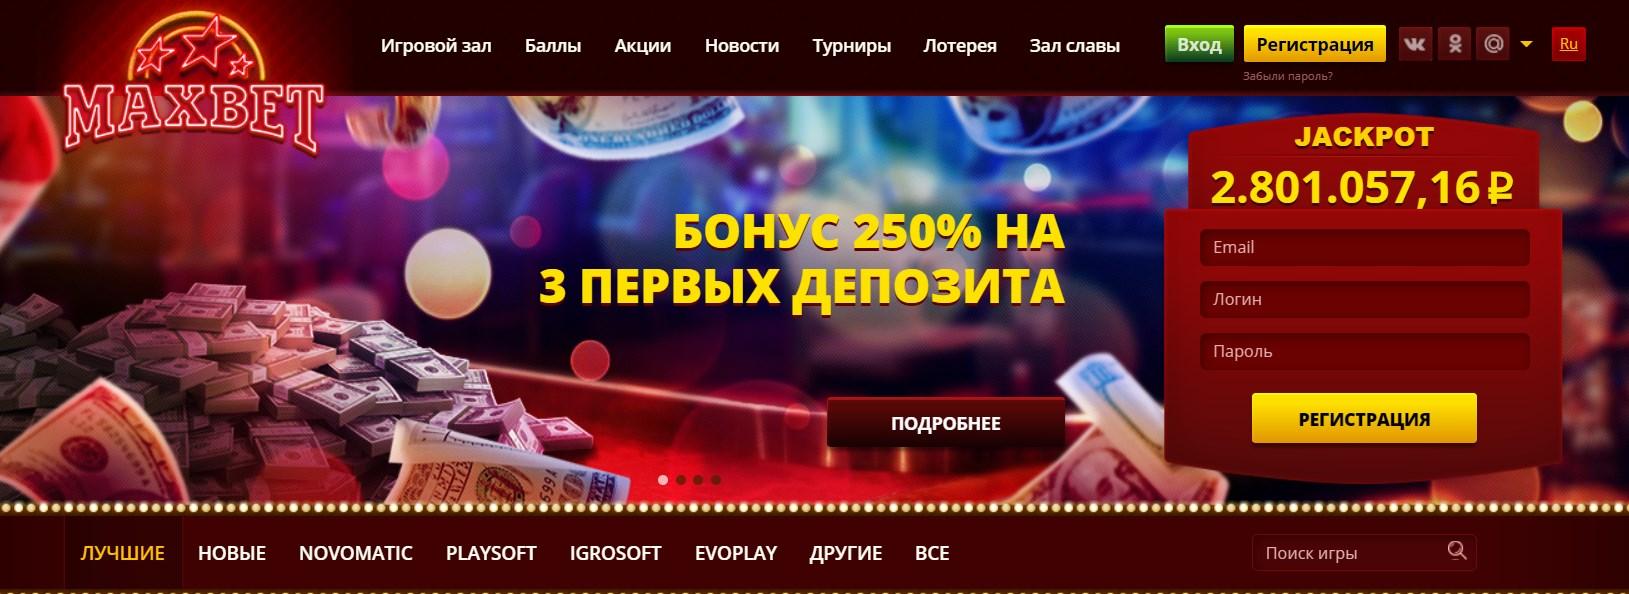 Maxbet - Официальный сайт